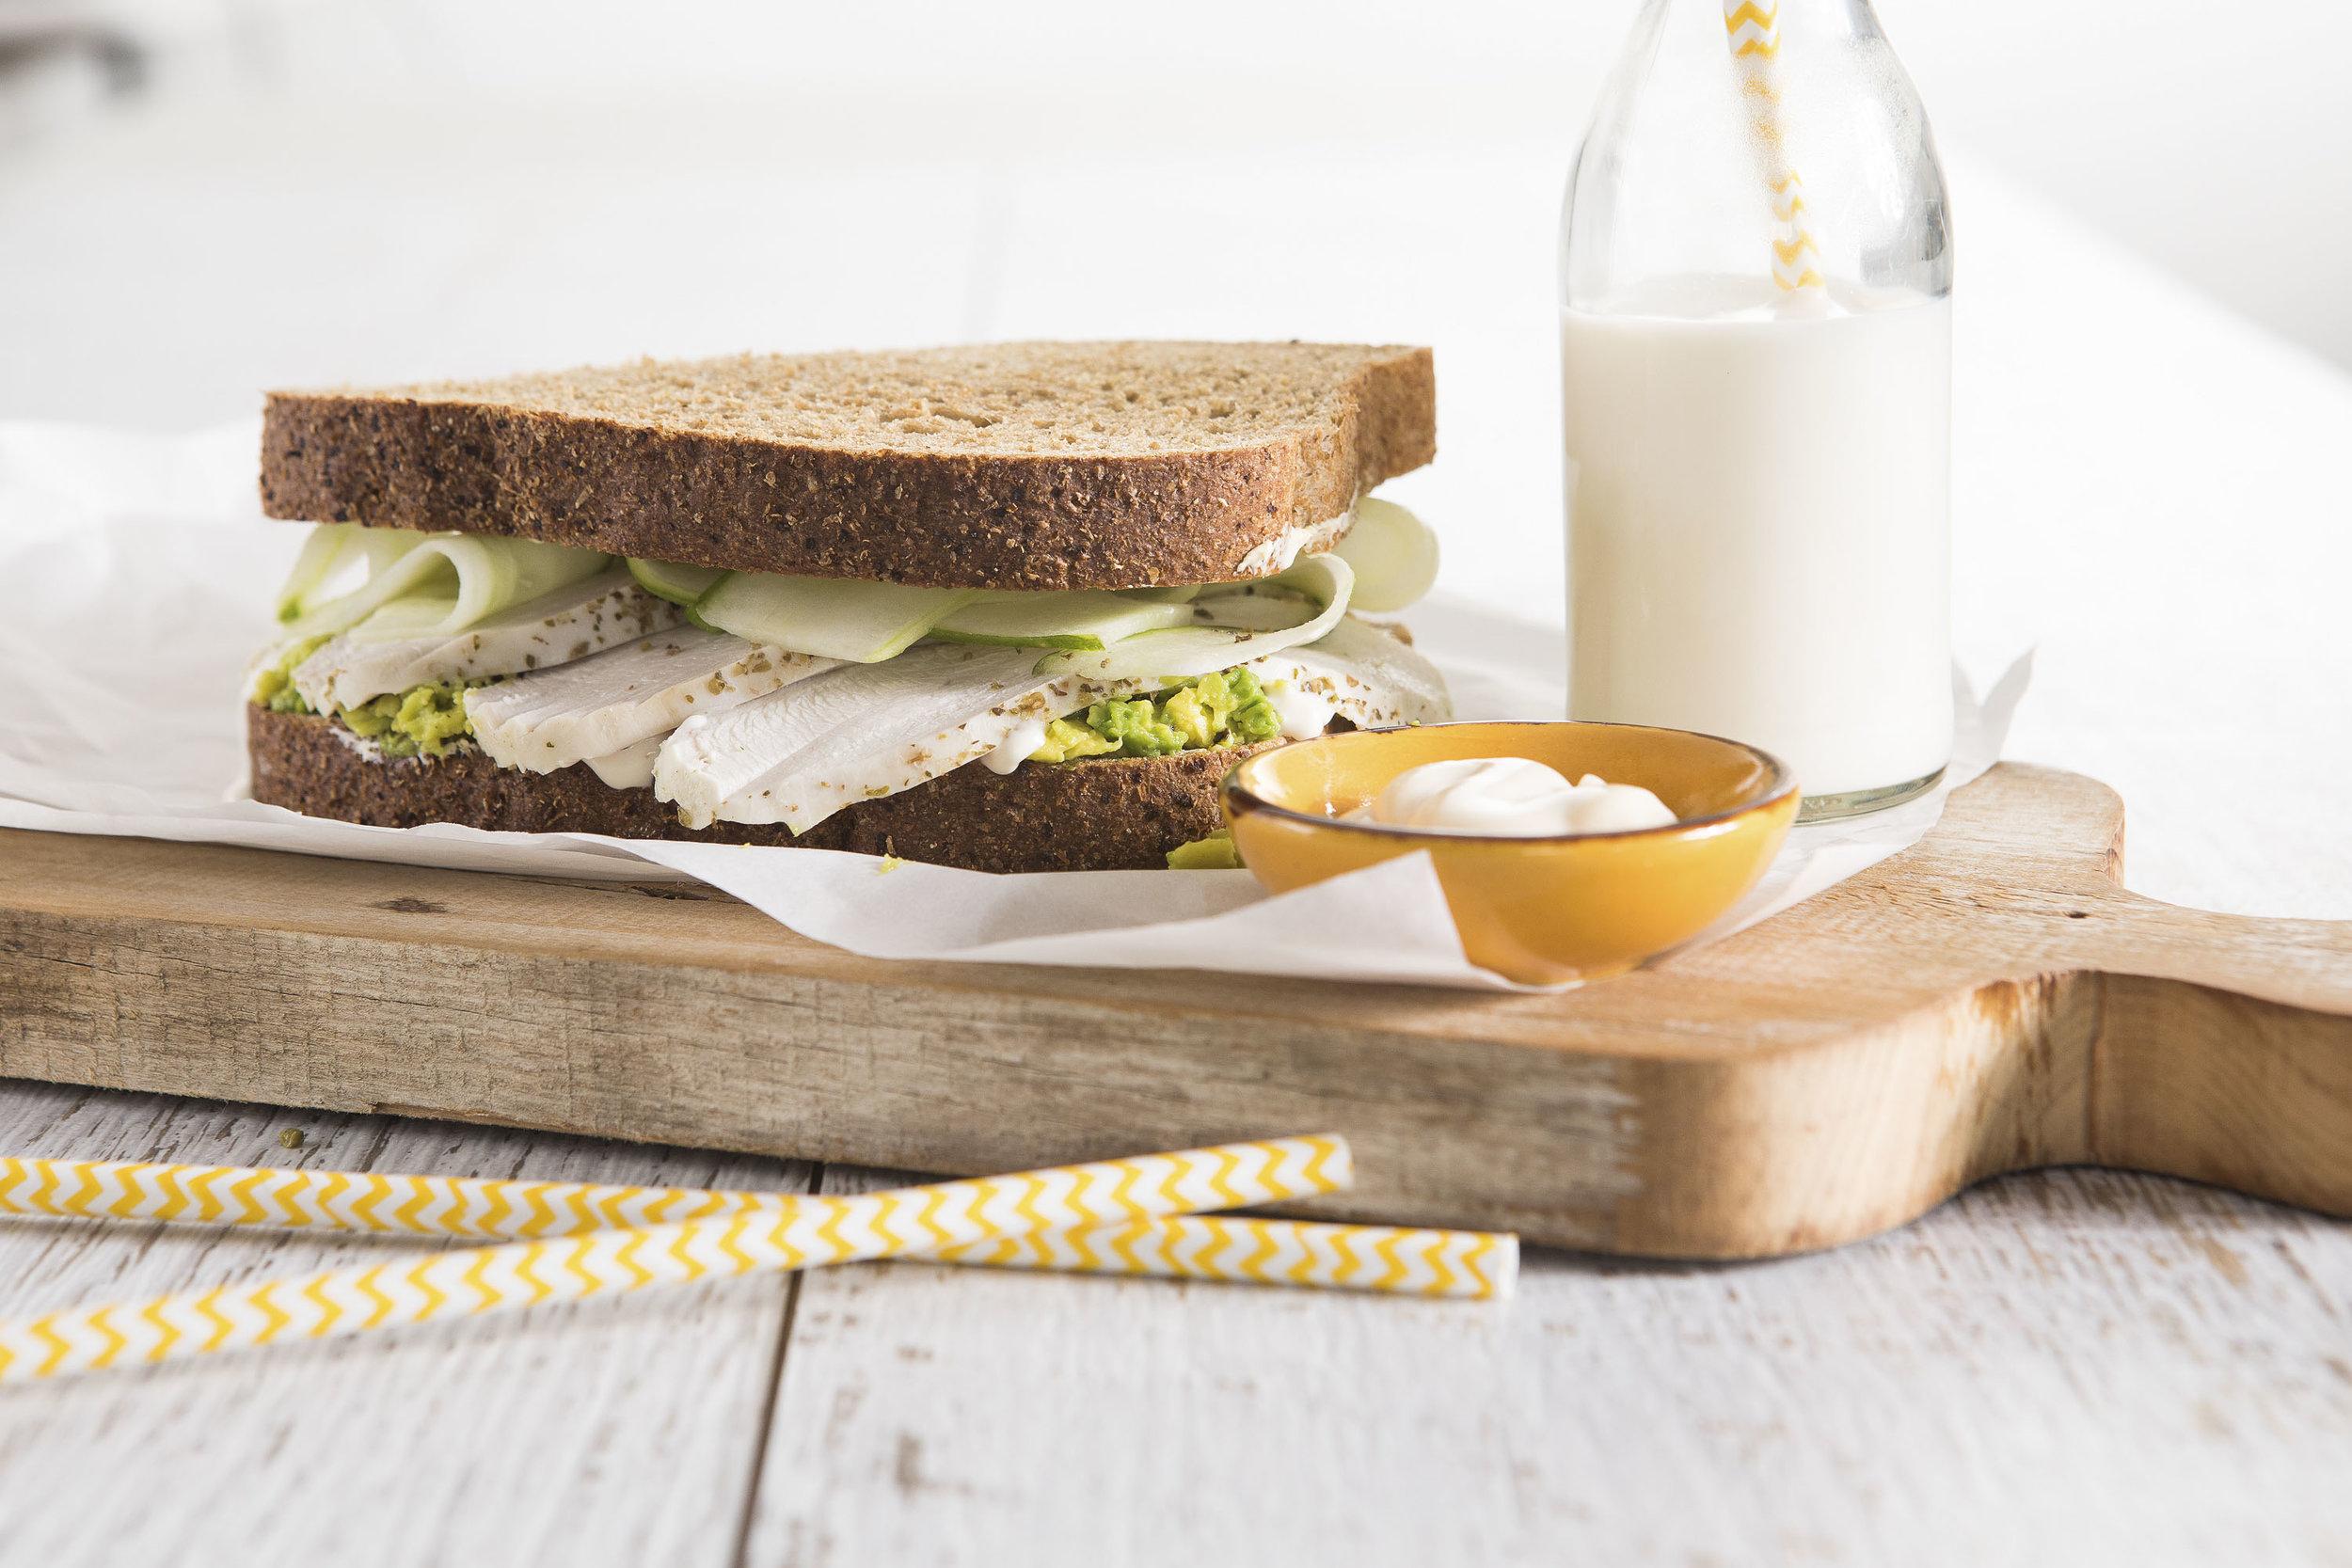 ChickenAvoCucumberSandwich.jpg